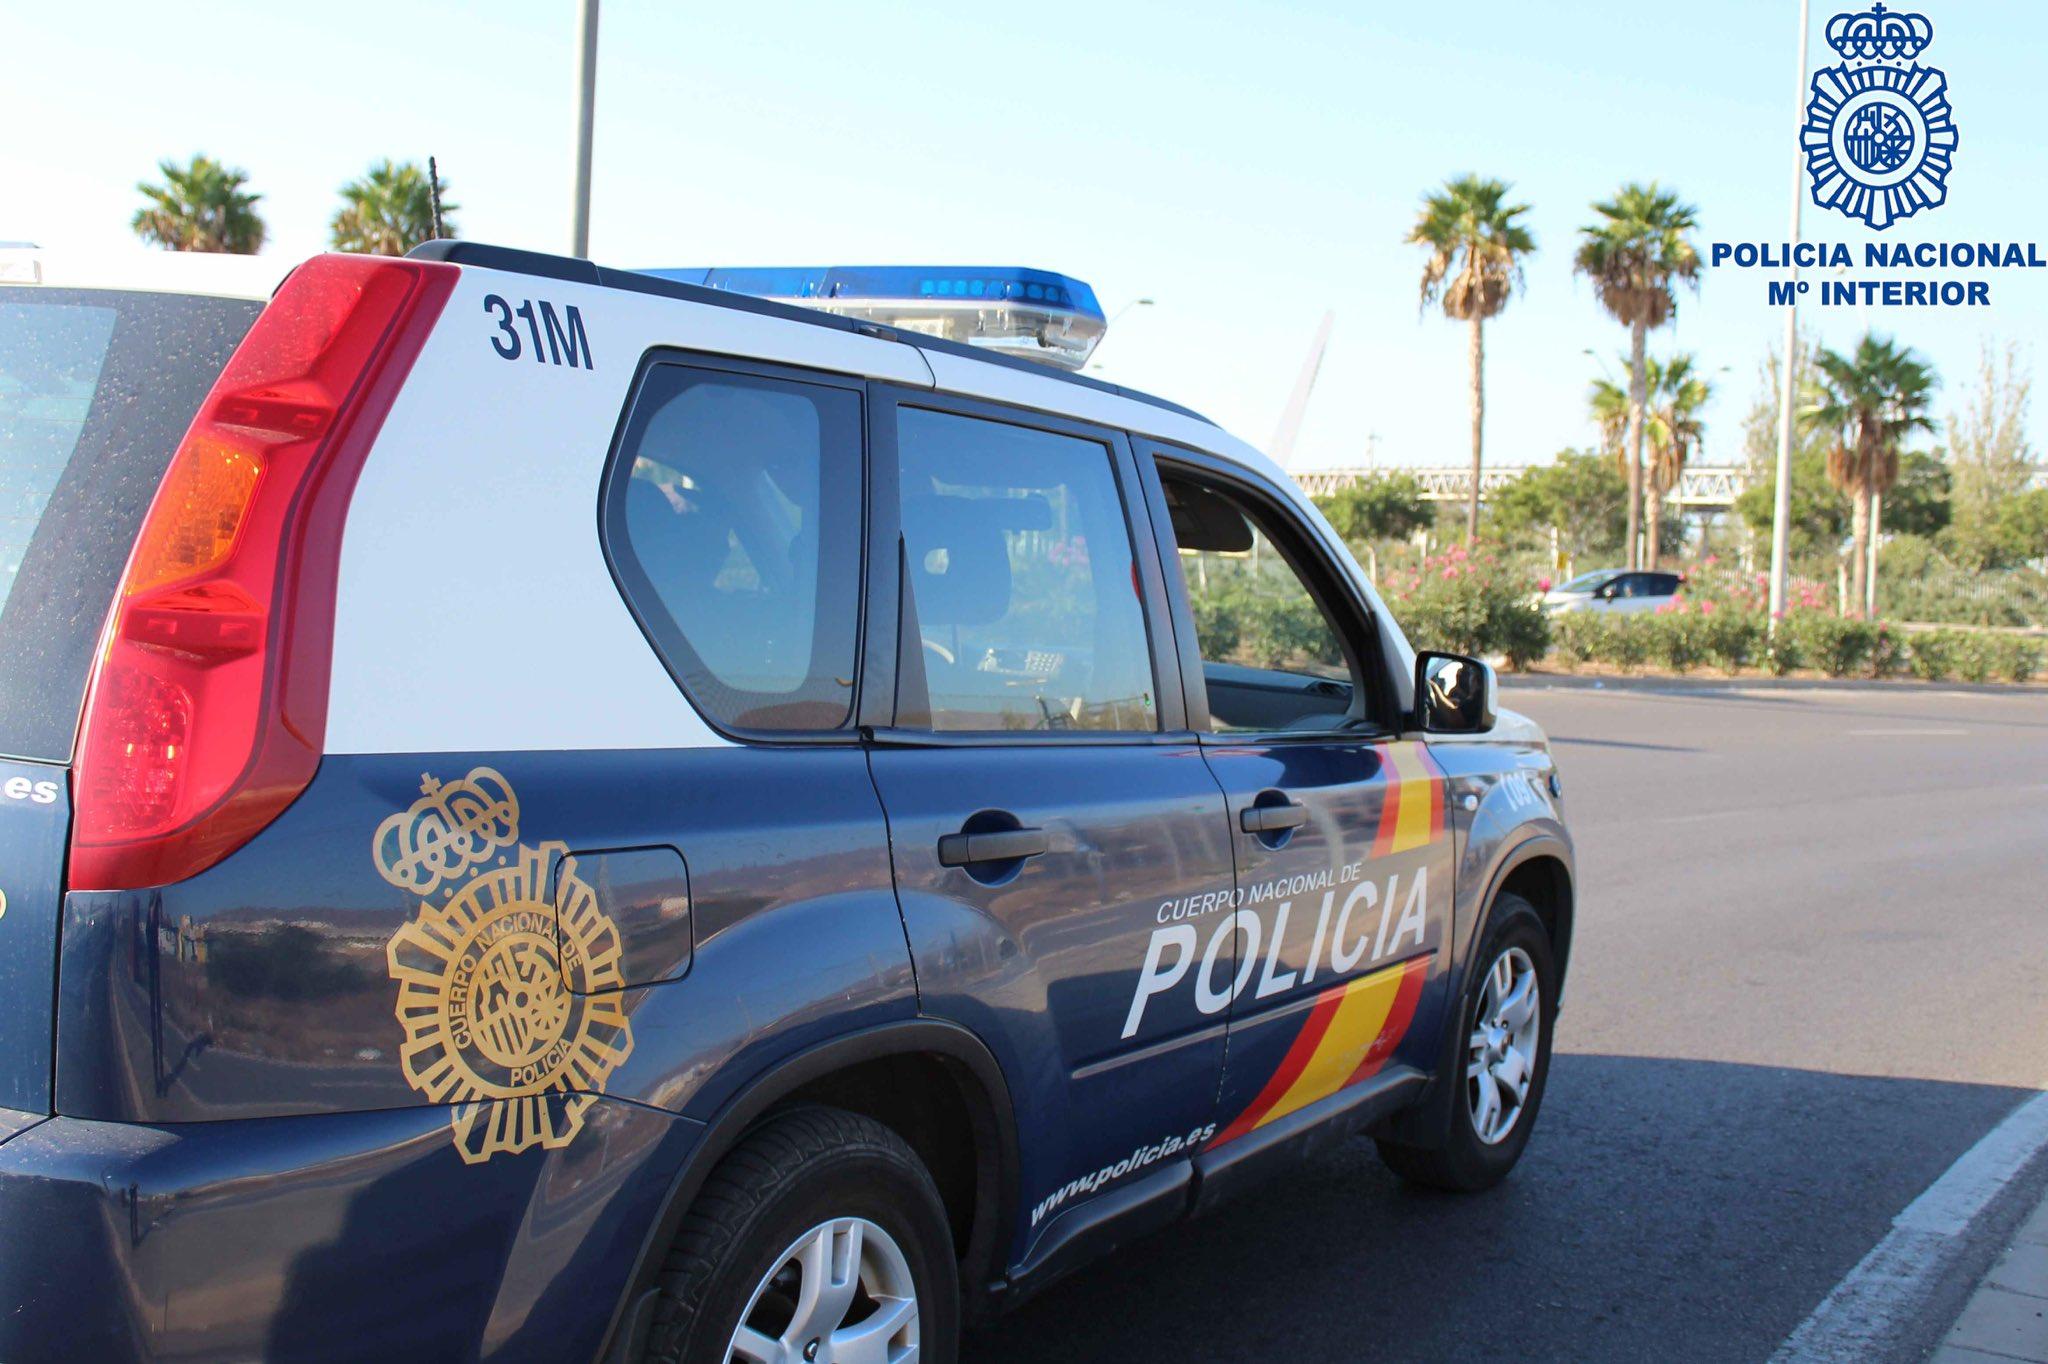 Consternación en Motril tras el crimen de una joven de 18 años supuestamente a manos de su novia